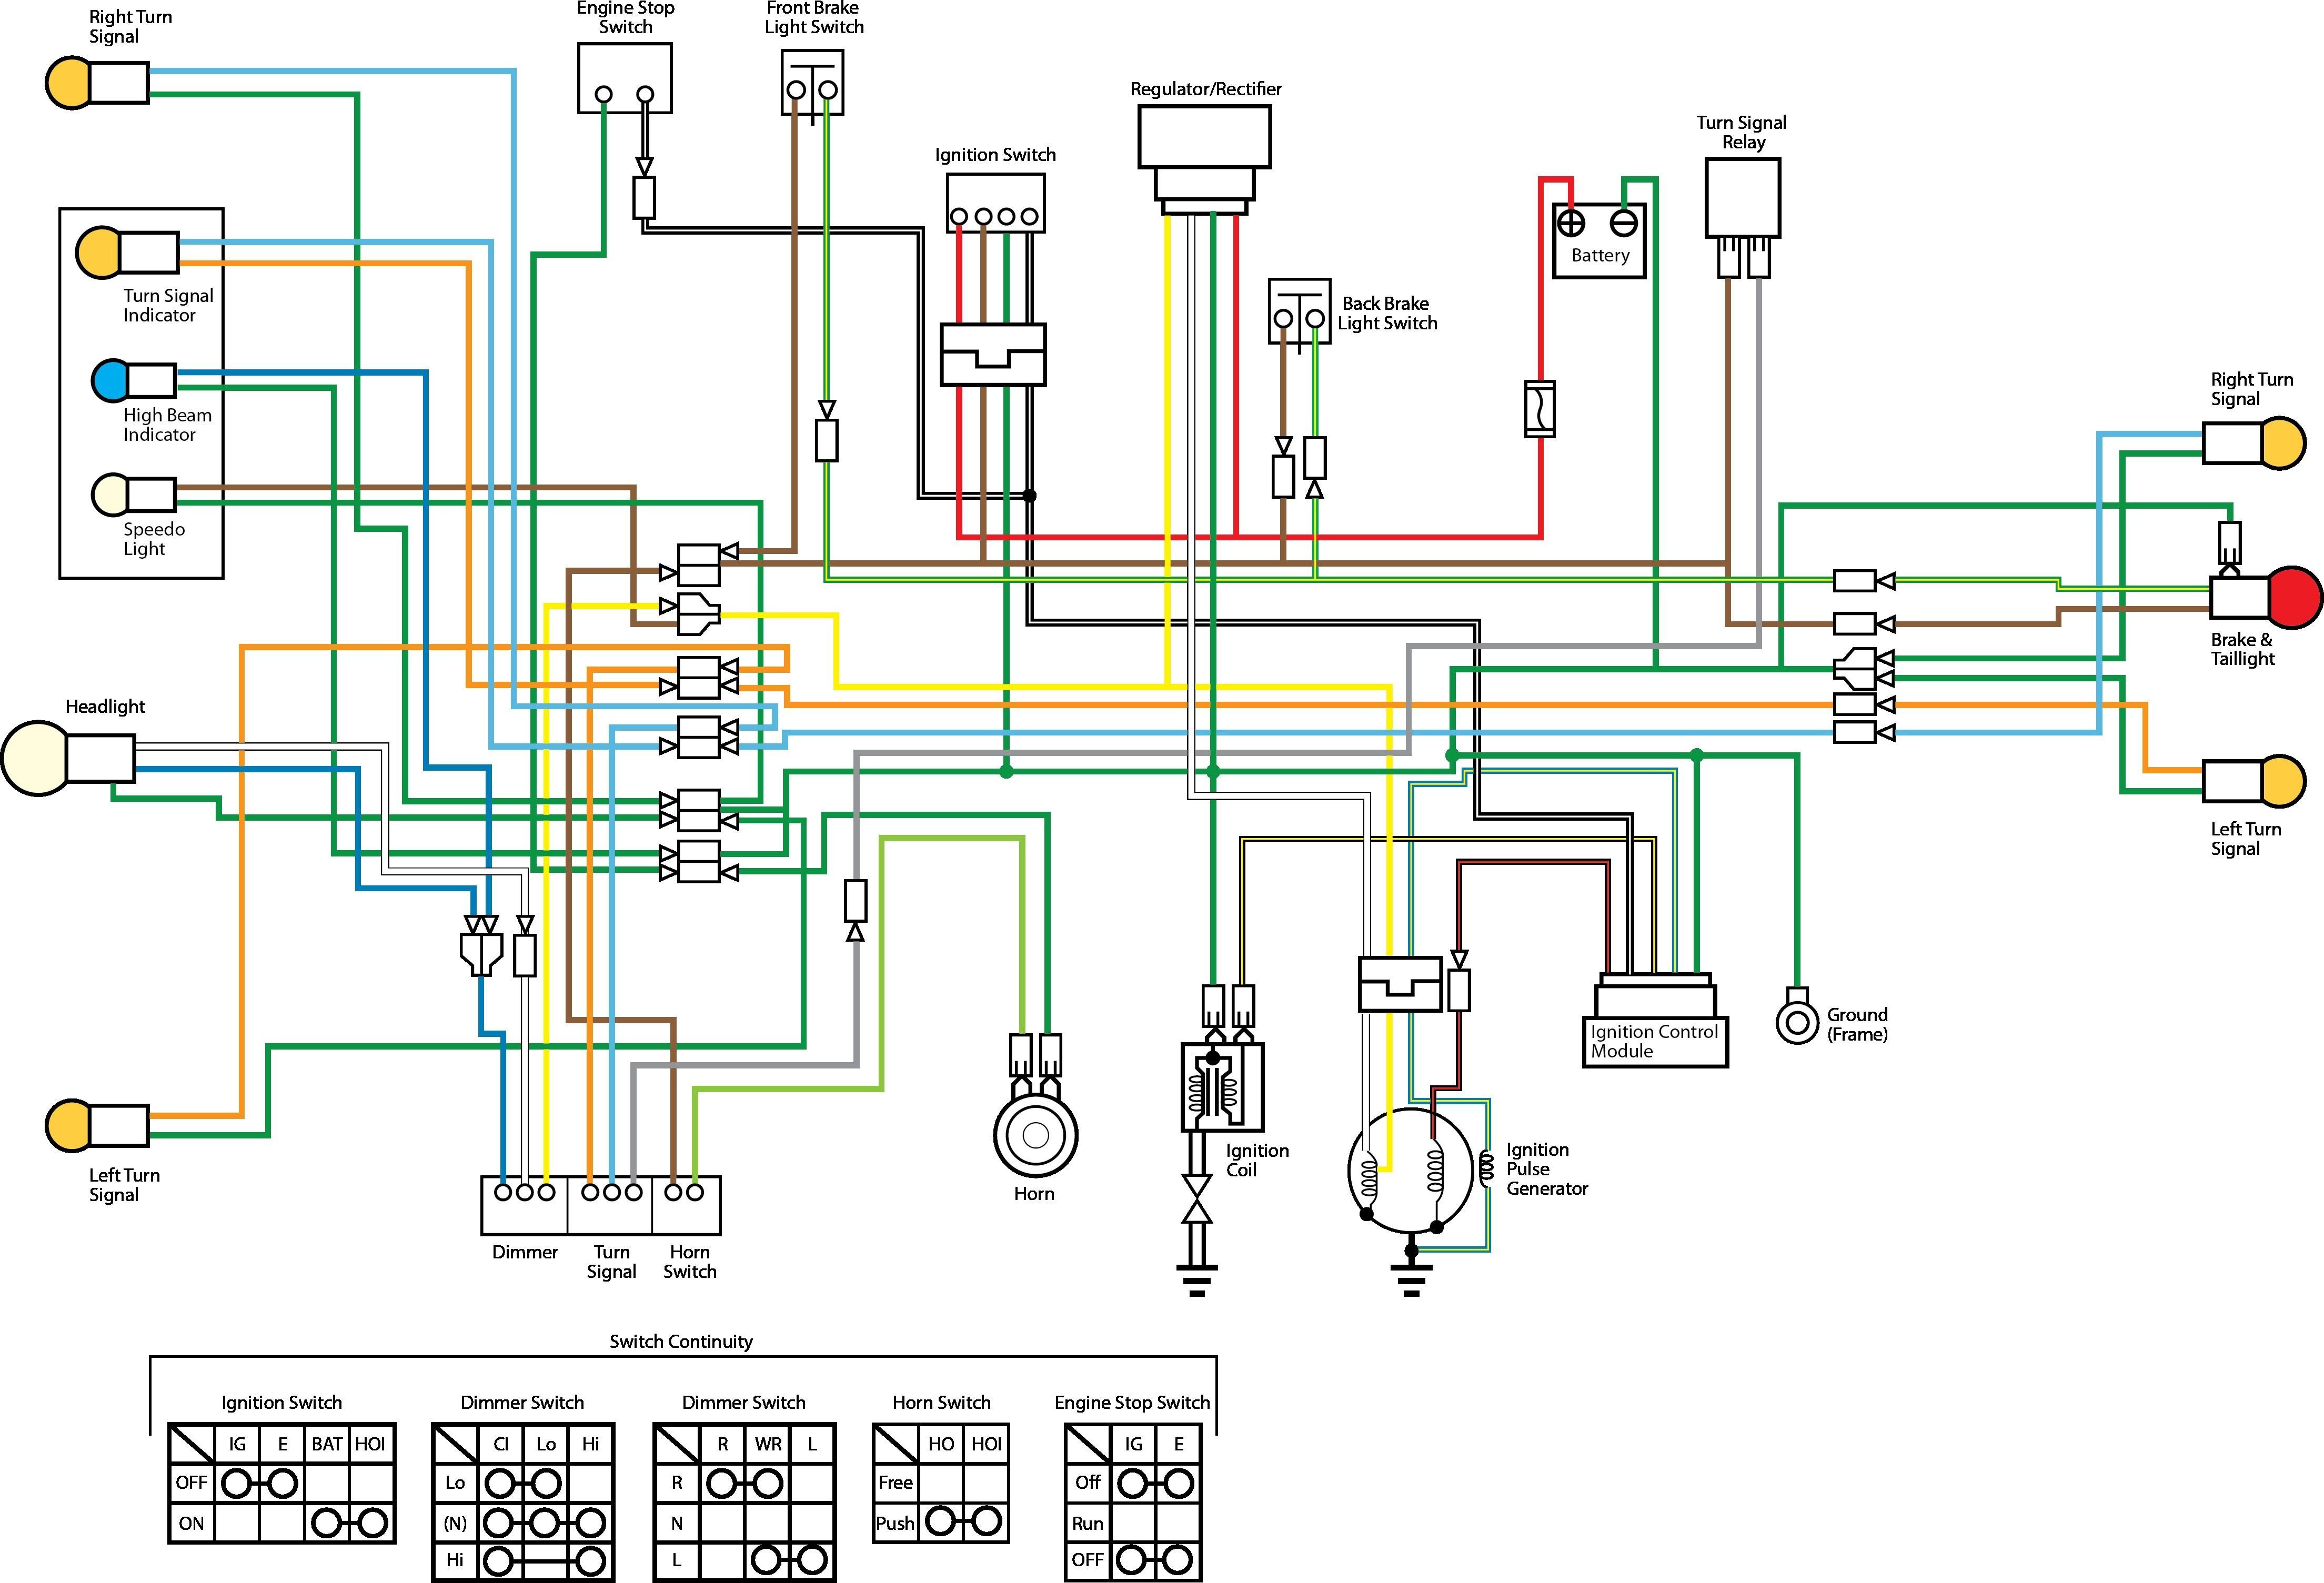 Lowrider Hydraulic Setup Diagram ford Wiring Harness Diagrams Diagram Schematic Wiring Diagram toolbox Of Lowrider Hydraulic Setup Diagram